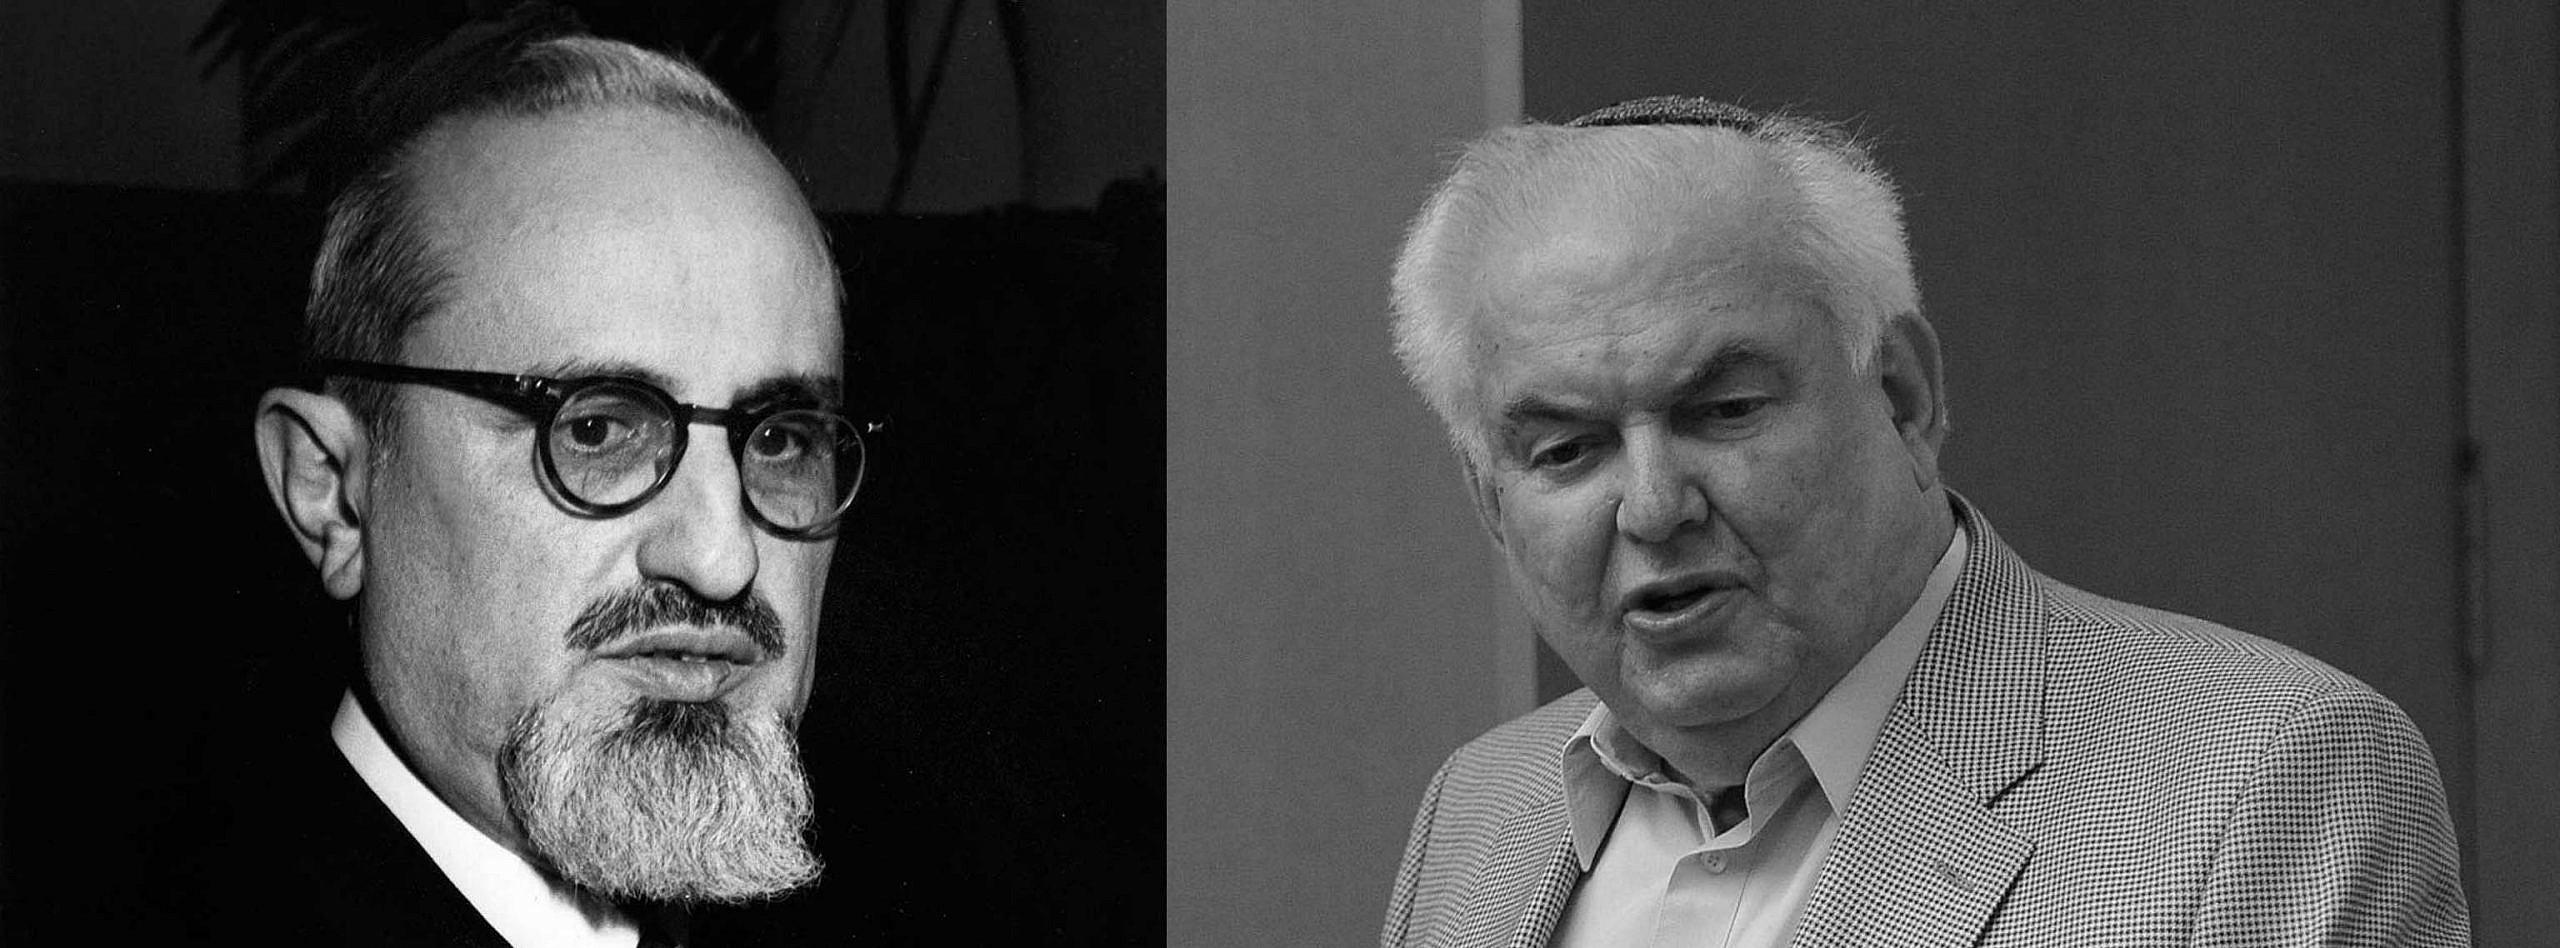 הרב דוד הרטמן והרב סולוביציק